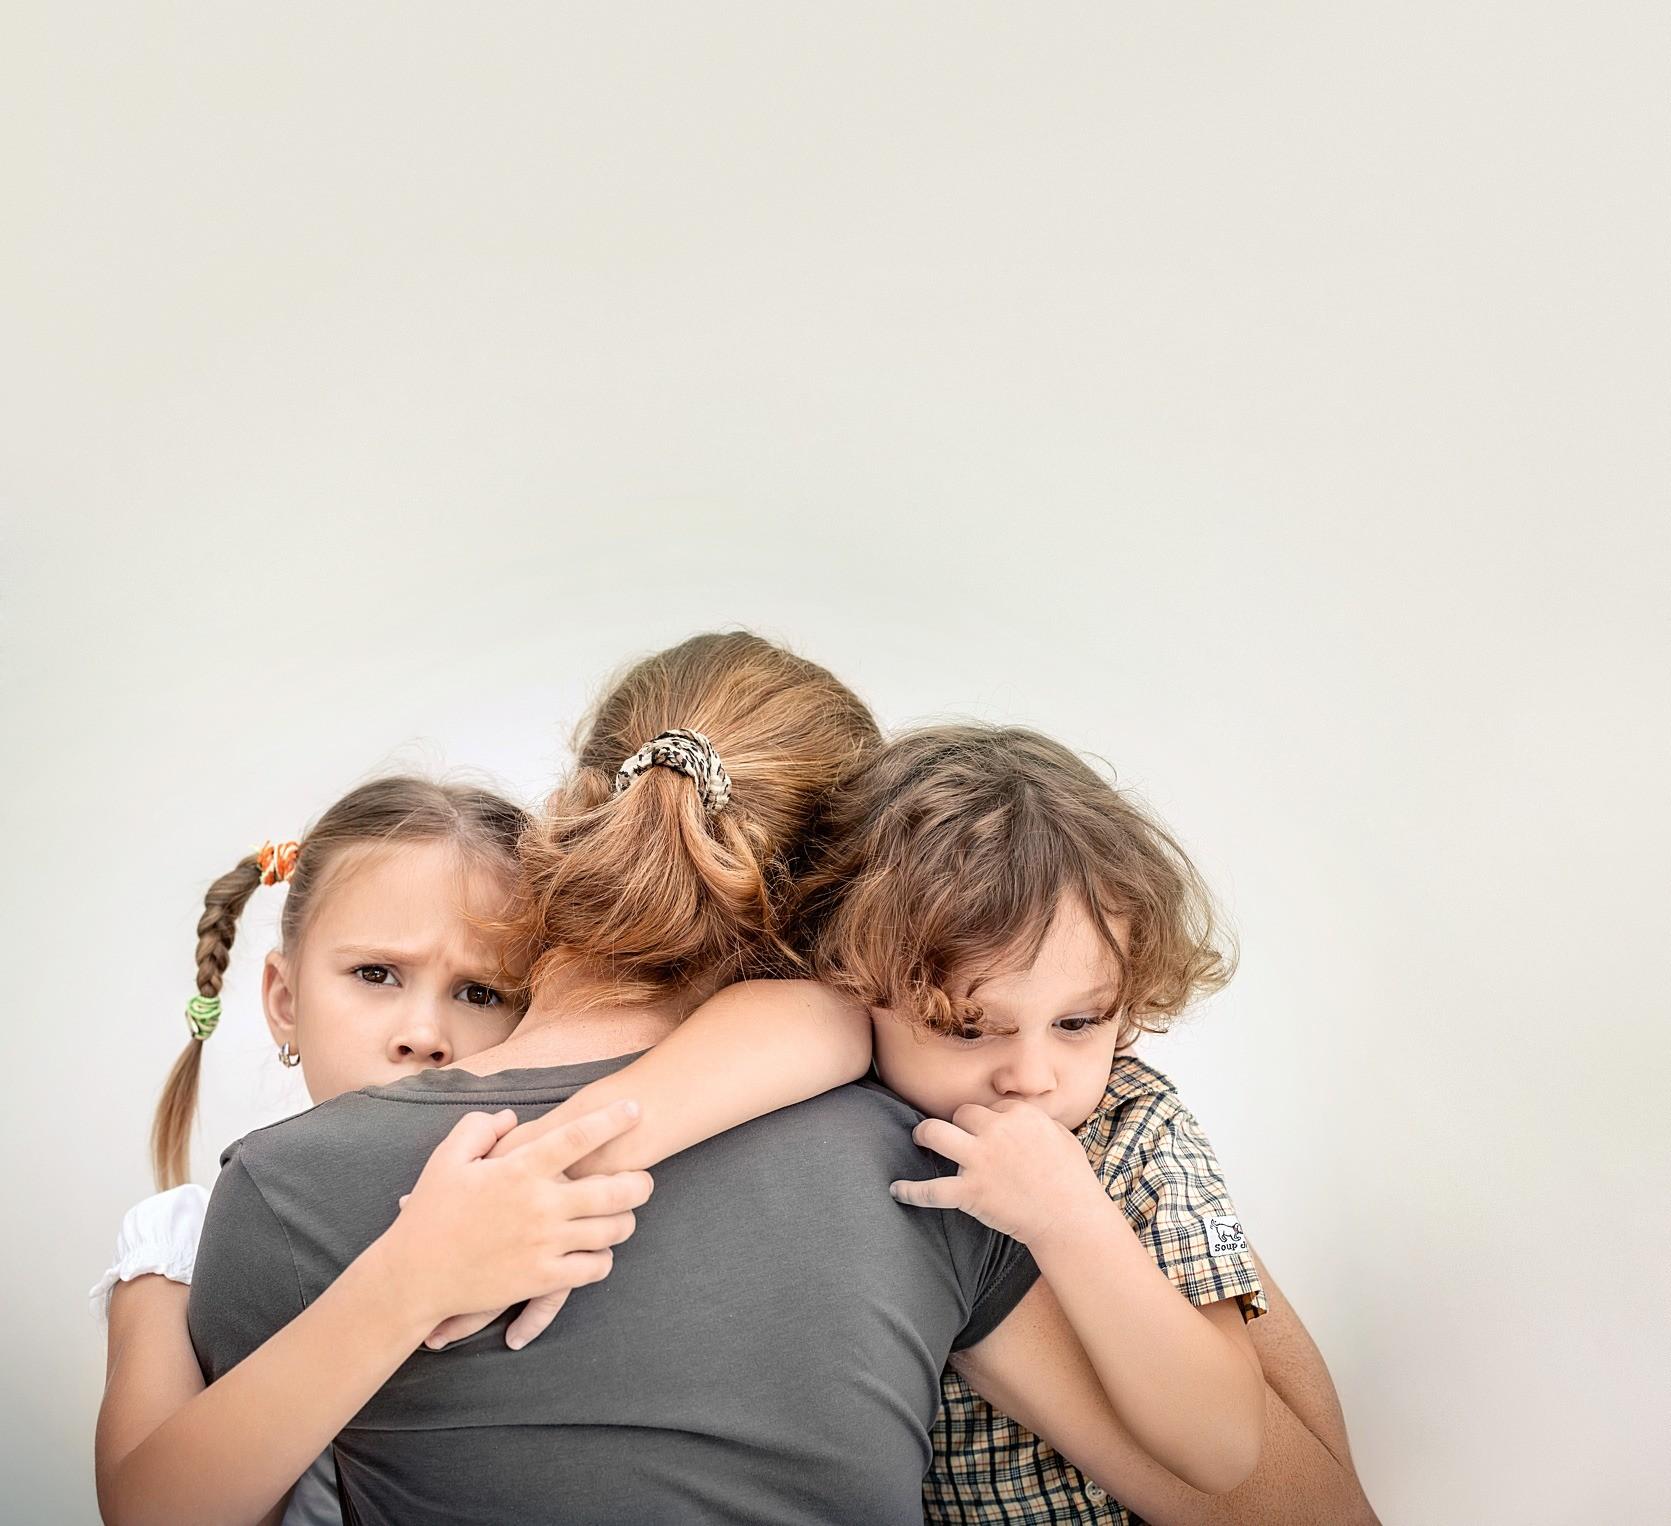 Два действенных и законных способа заставить бывшего мужа платить алименты